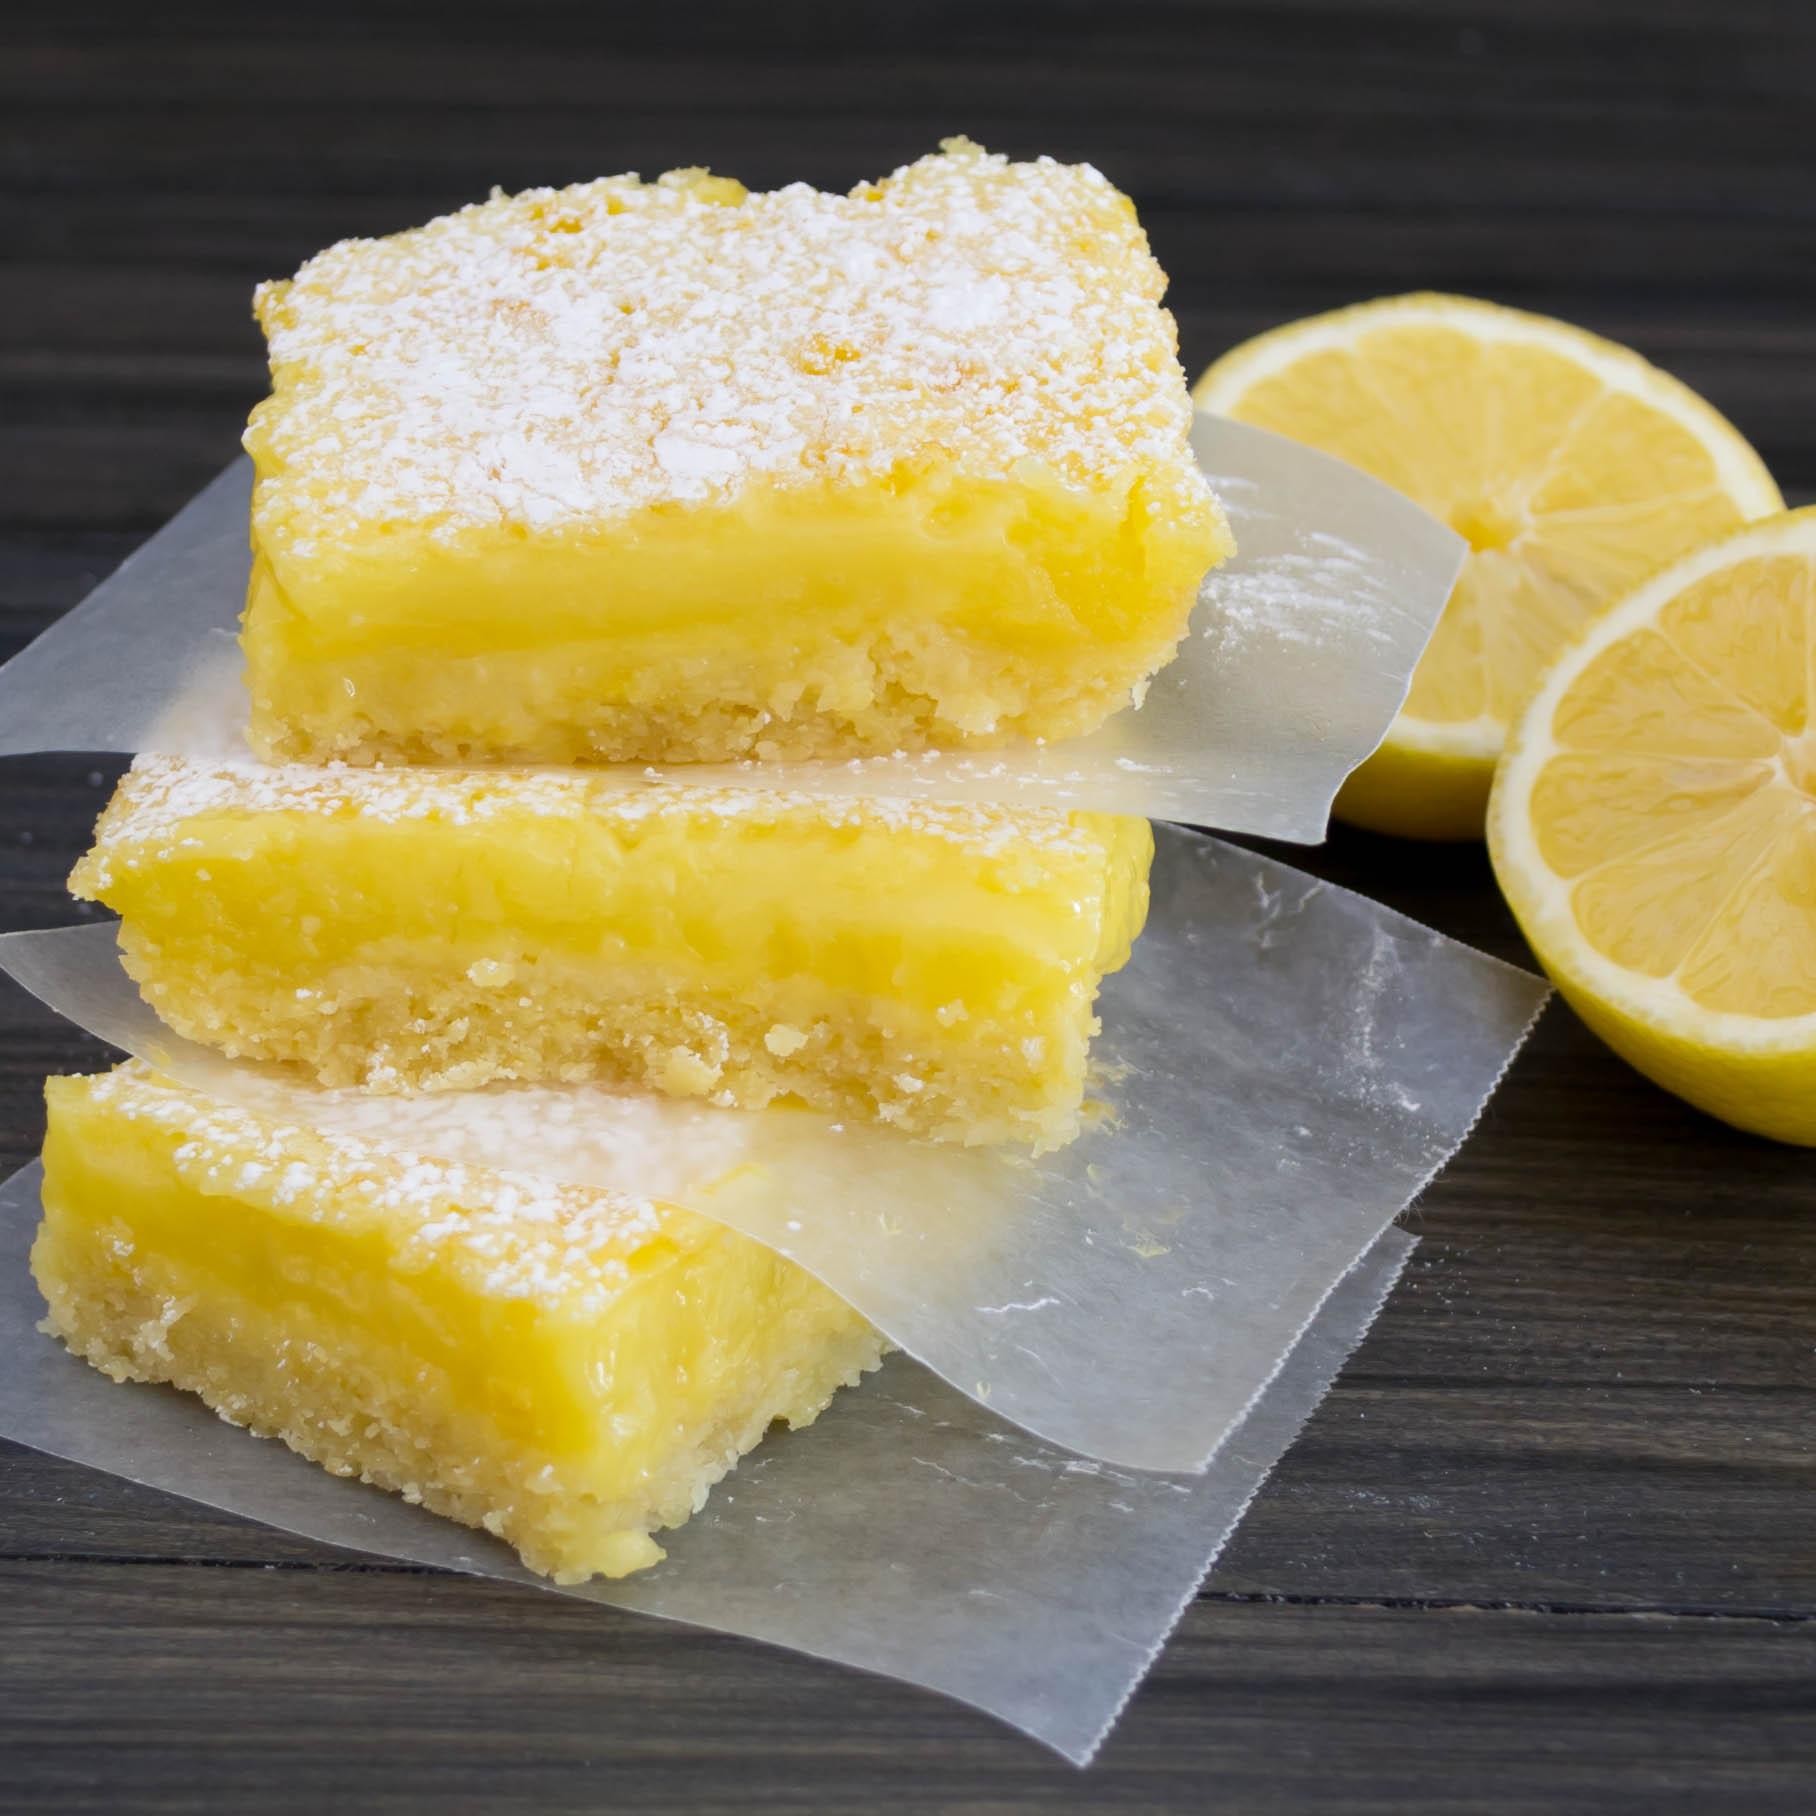 Lemon Bars With White Cake Mix